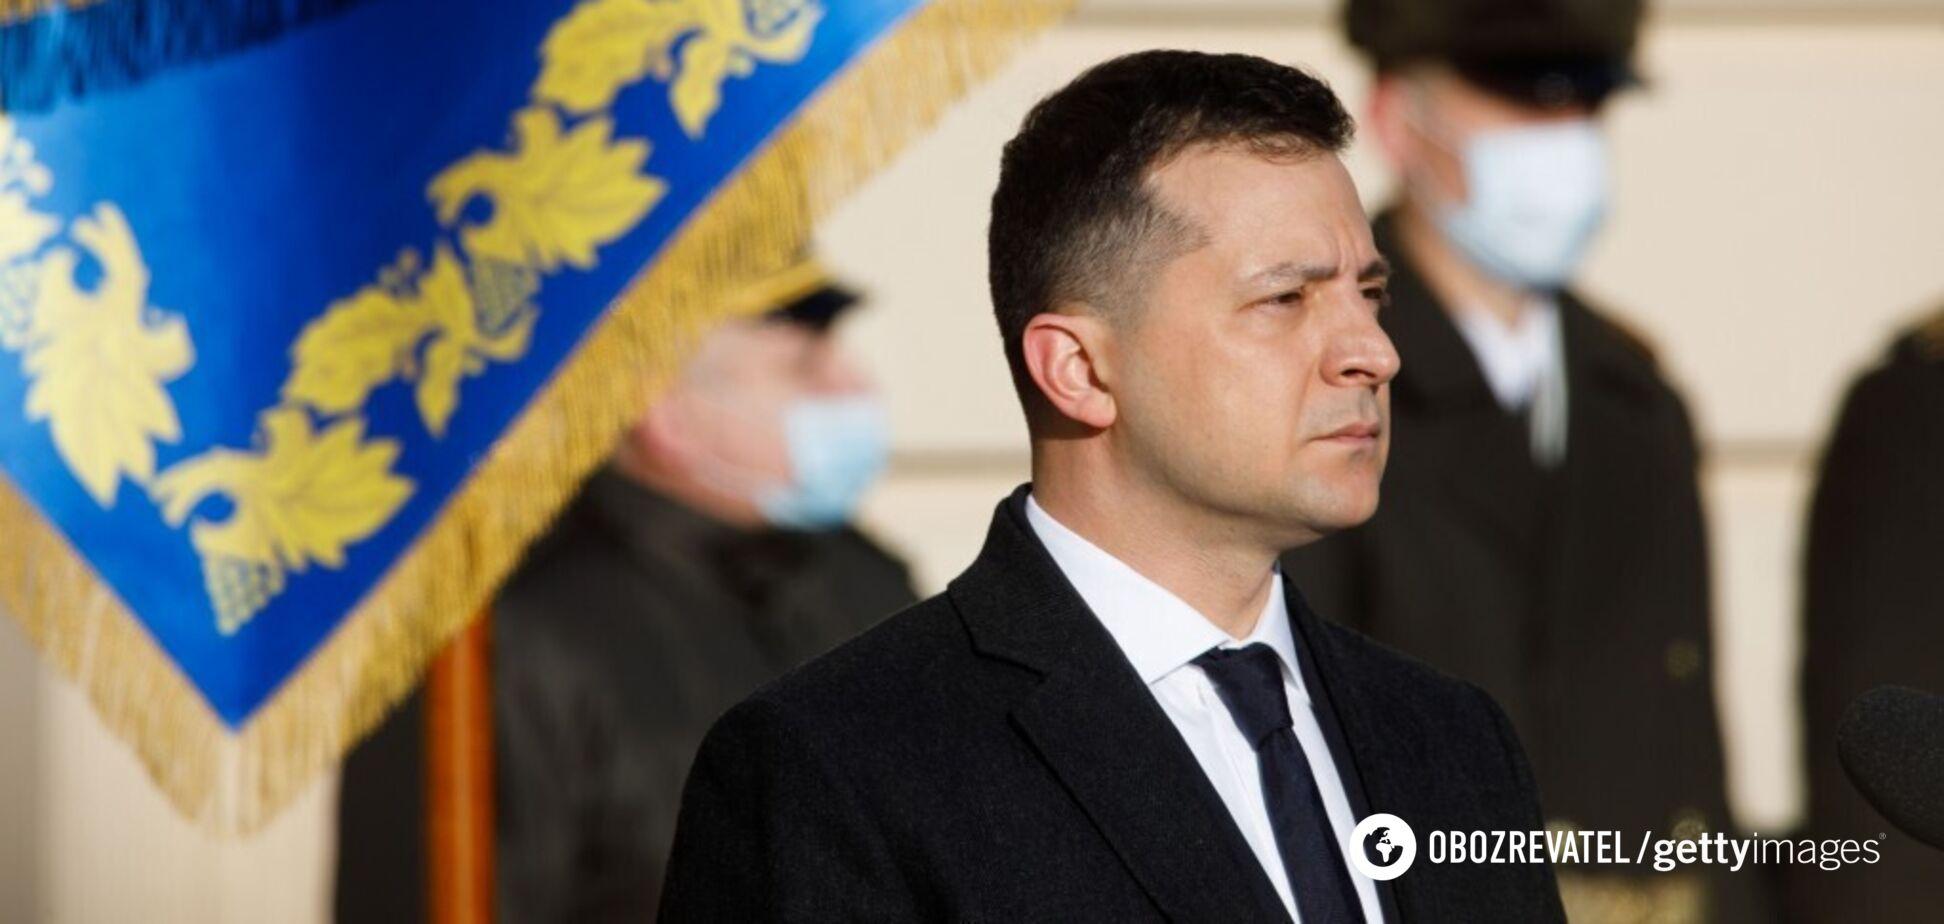 Зеленский: Россия и США должны договариваться с Украиной о мире на Донбассе